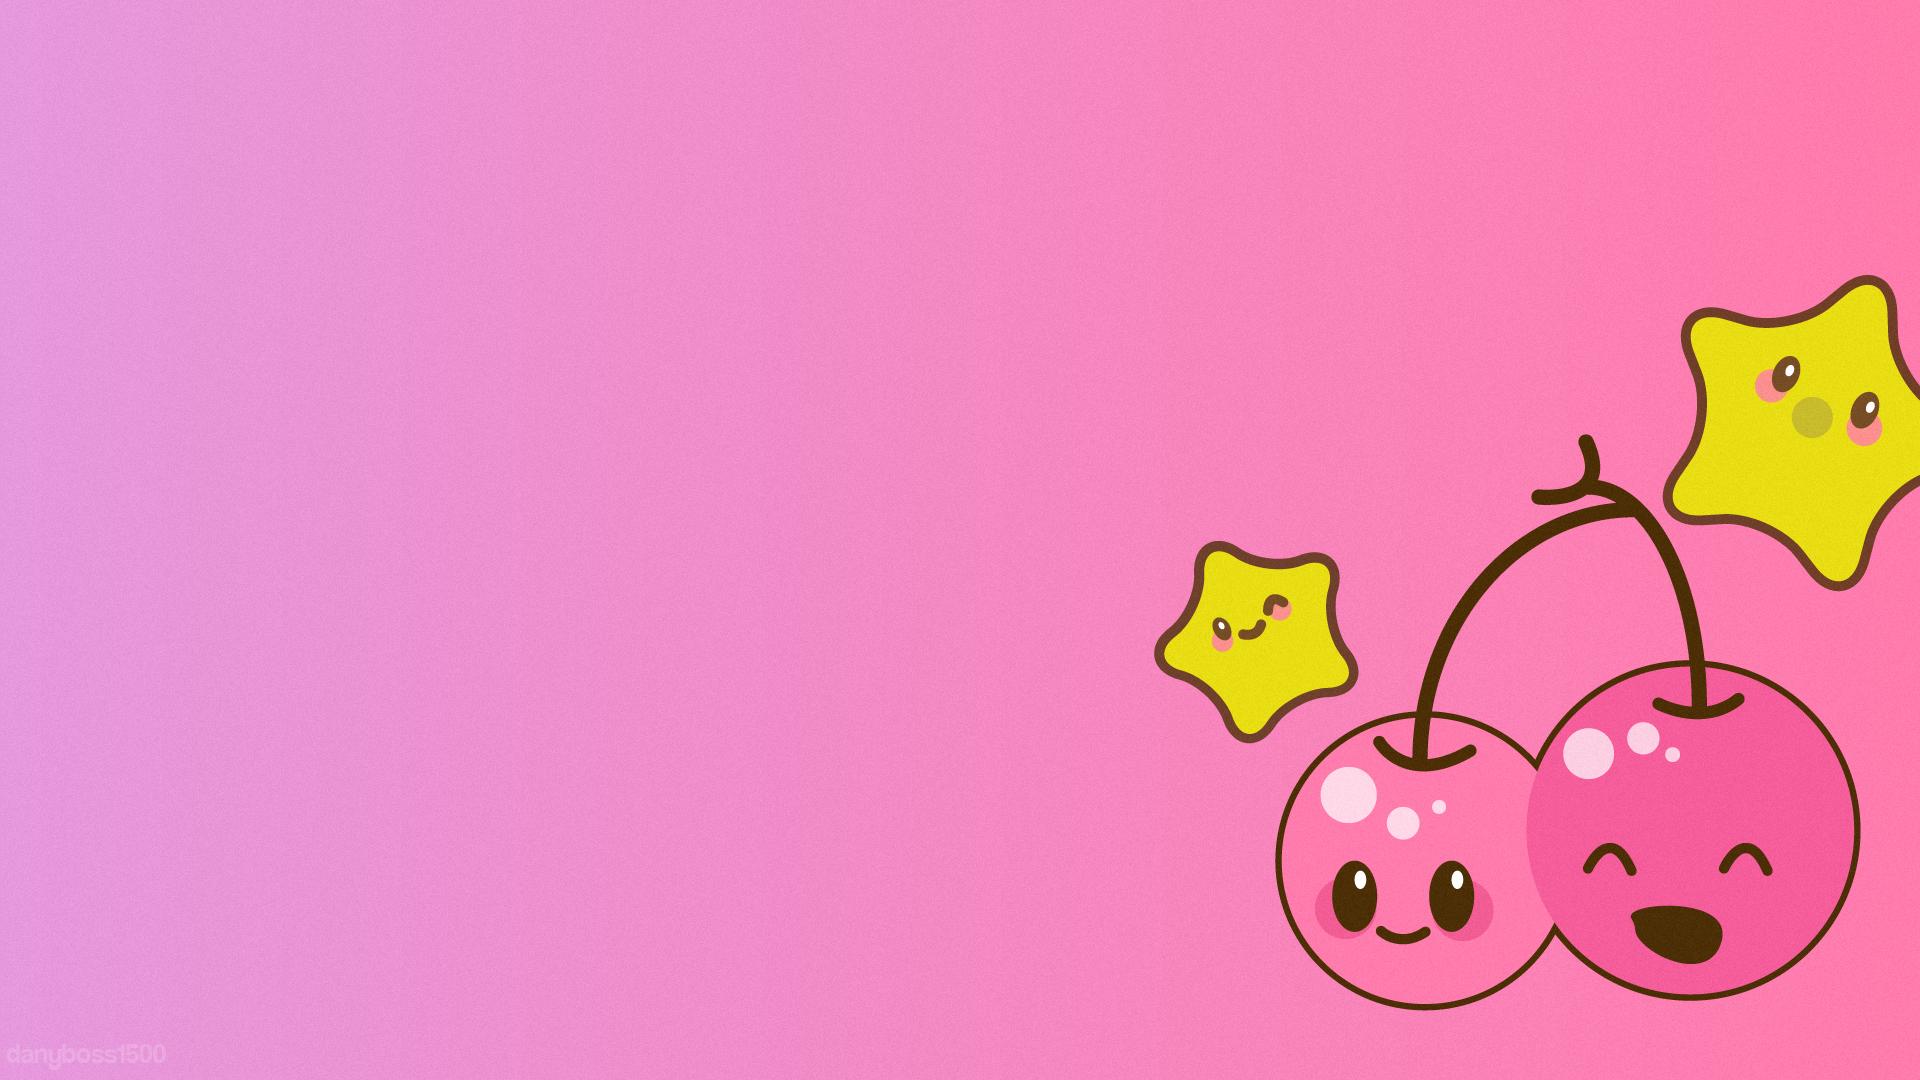 Cherry by DanyBoss1500